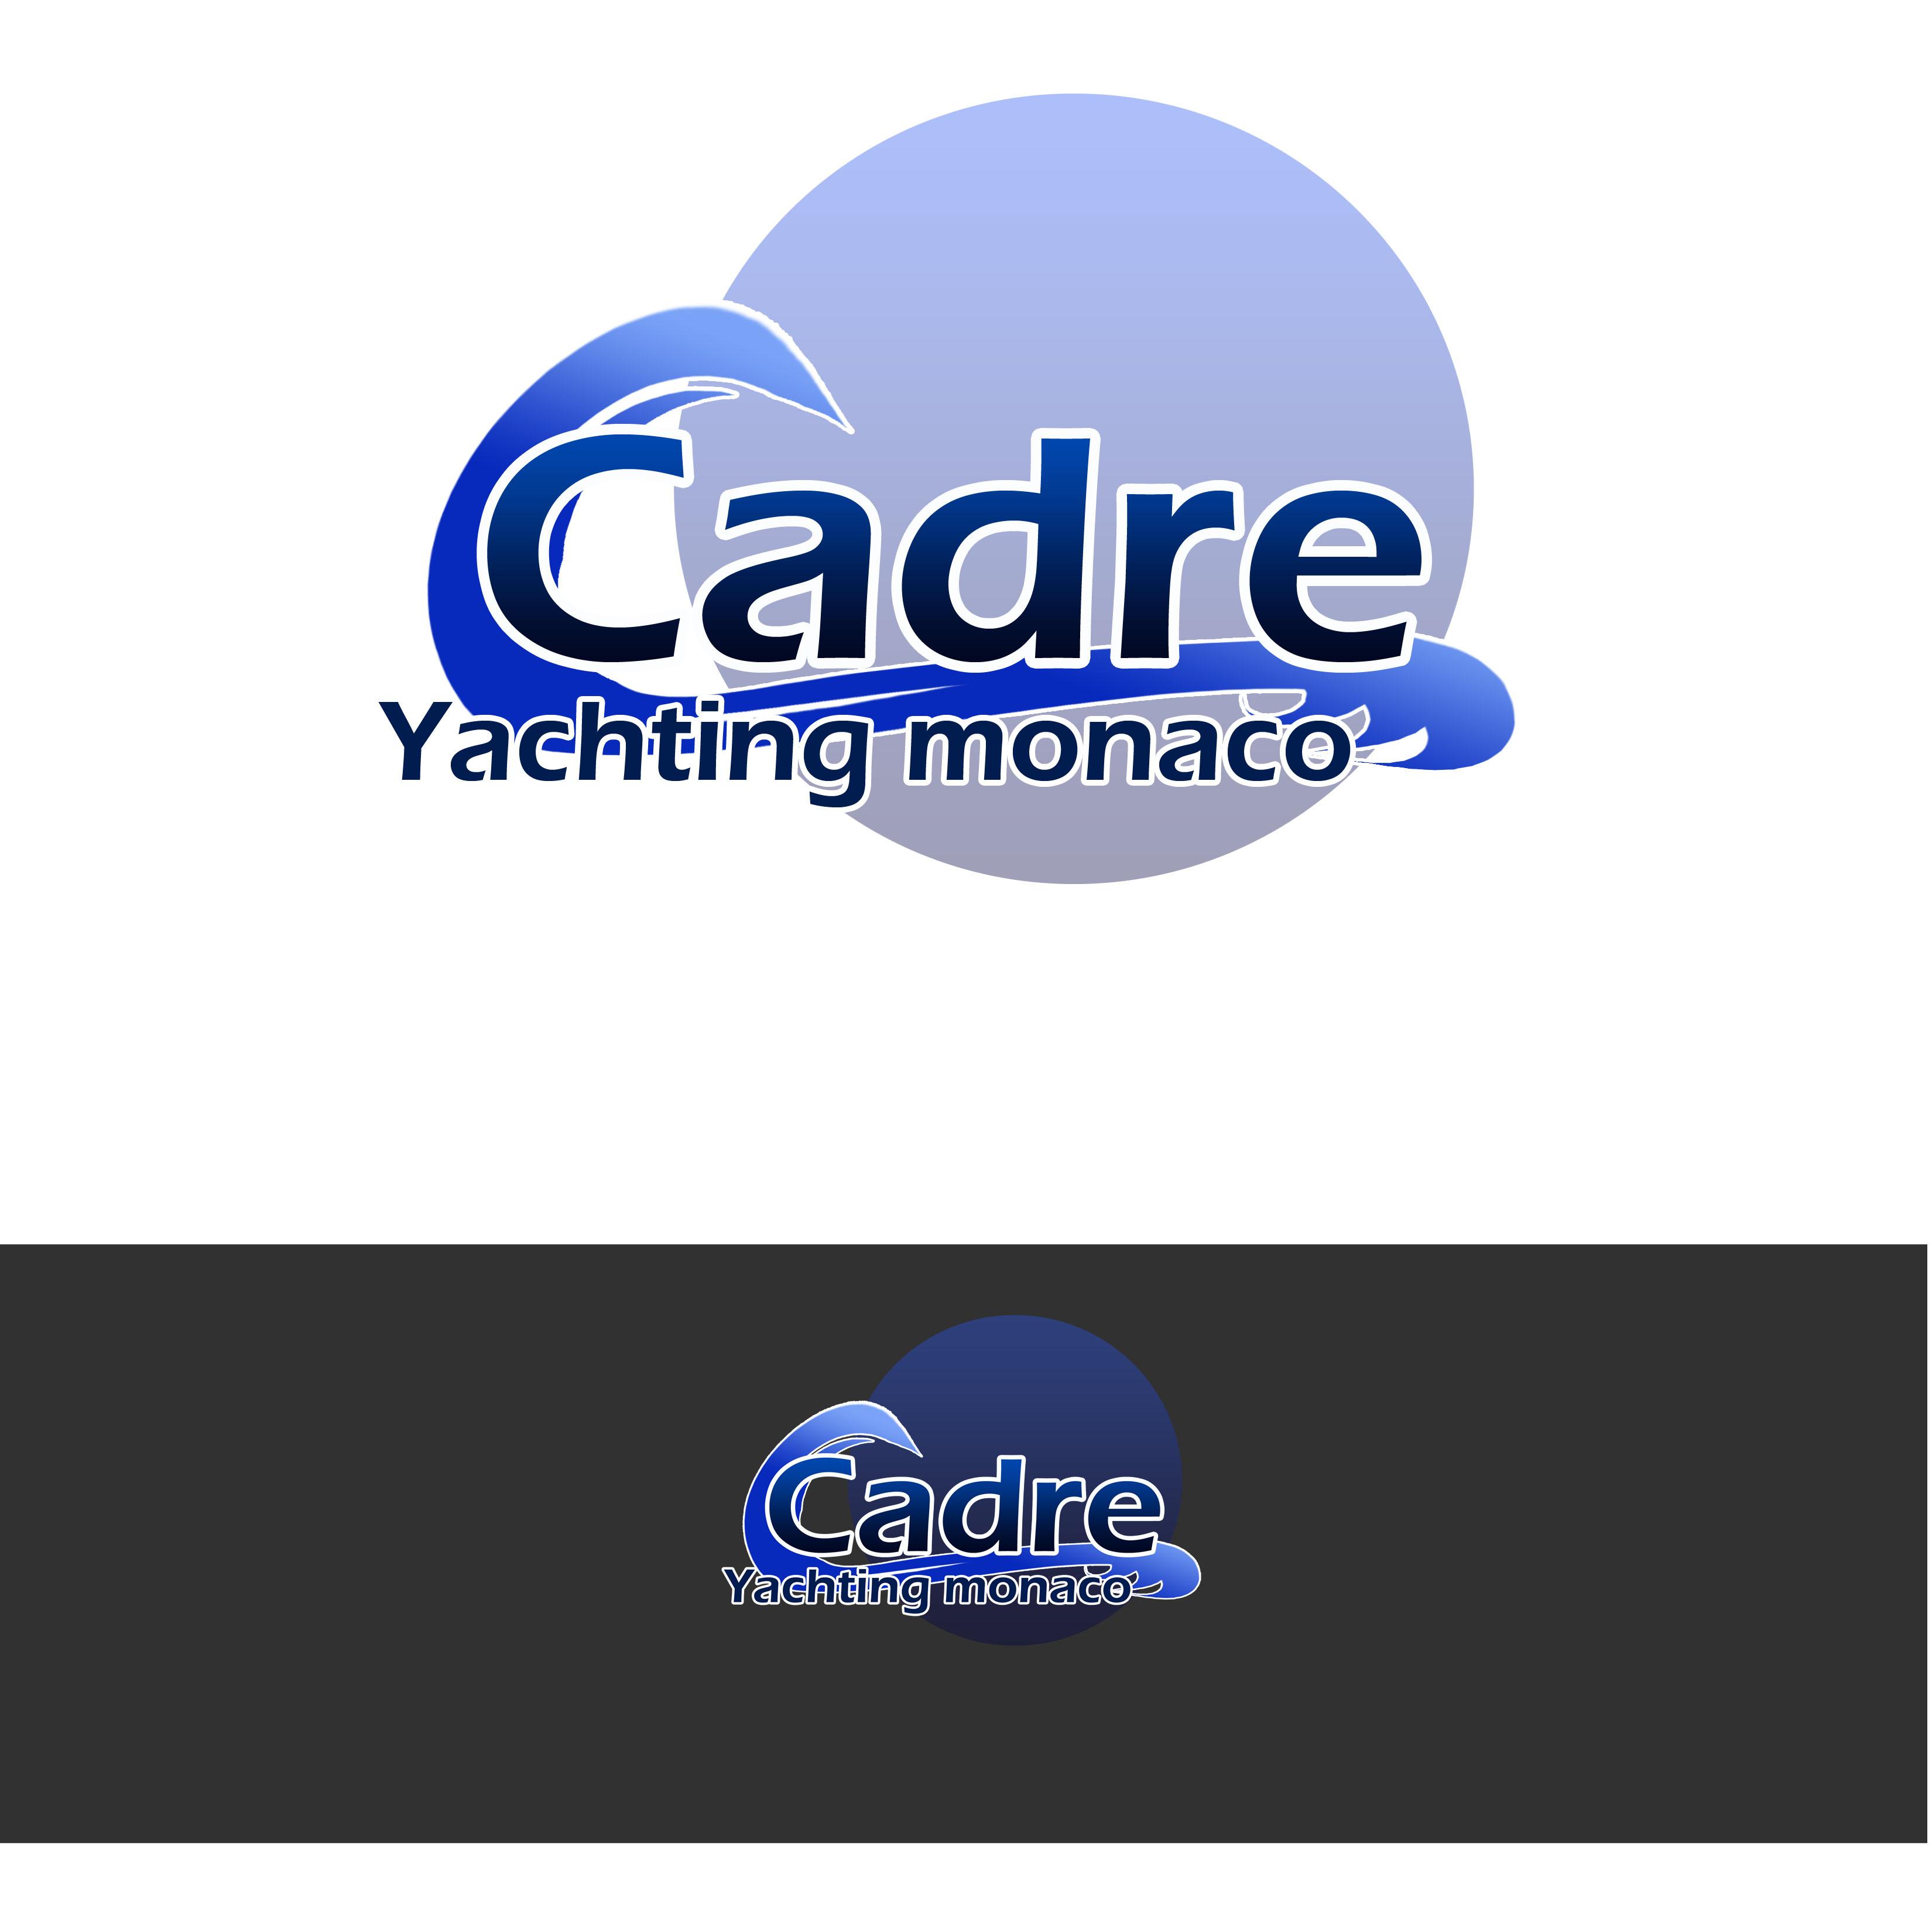 Logo Design by Alan Esclamado - Entry No. 194 in the Logo Design Contest New Logo Design for Cadre Yachting Monaco.